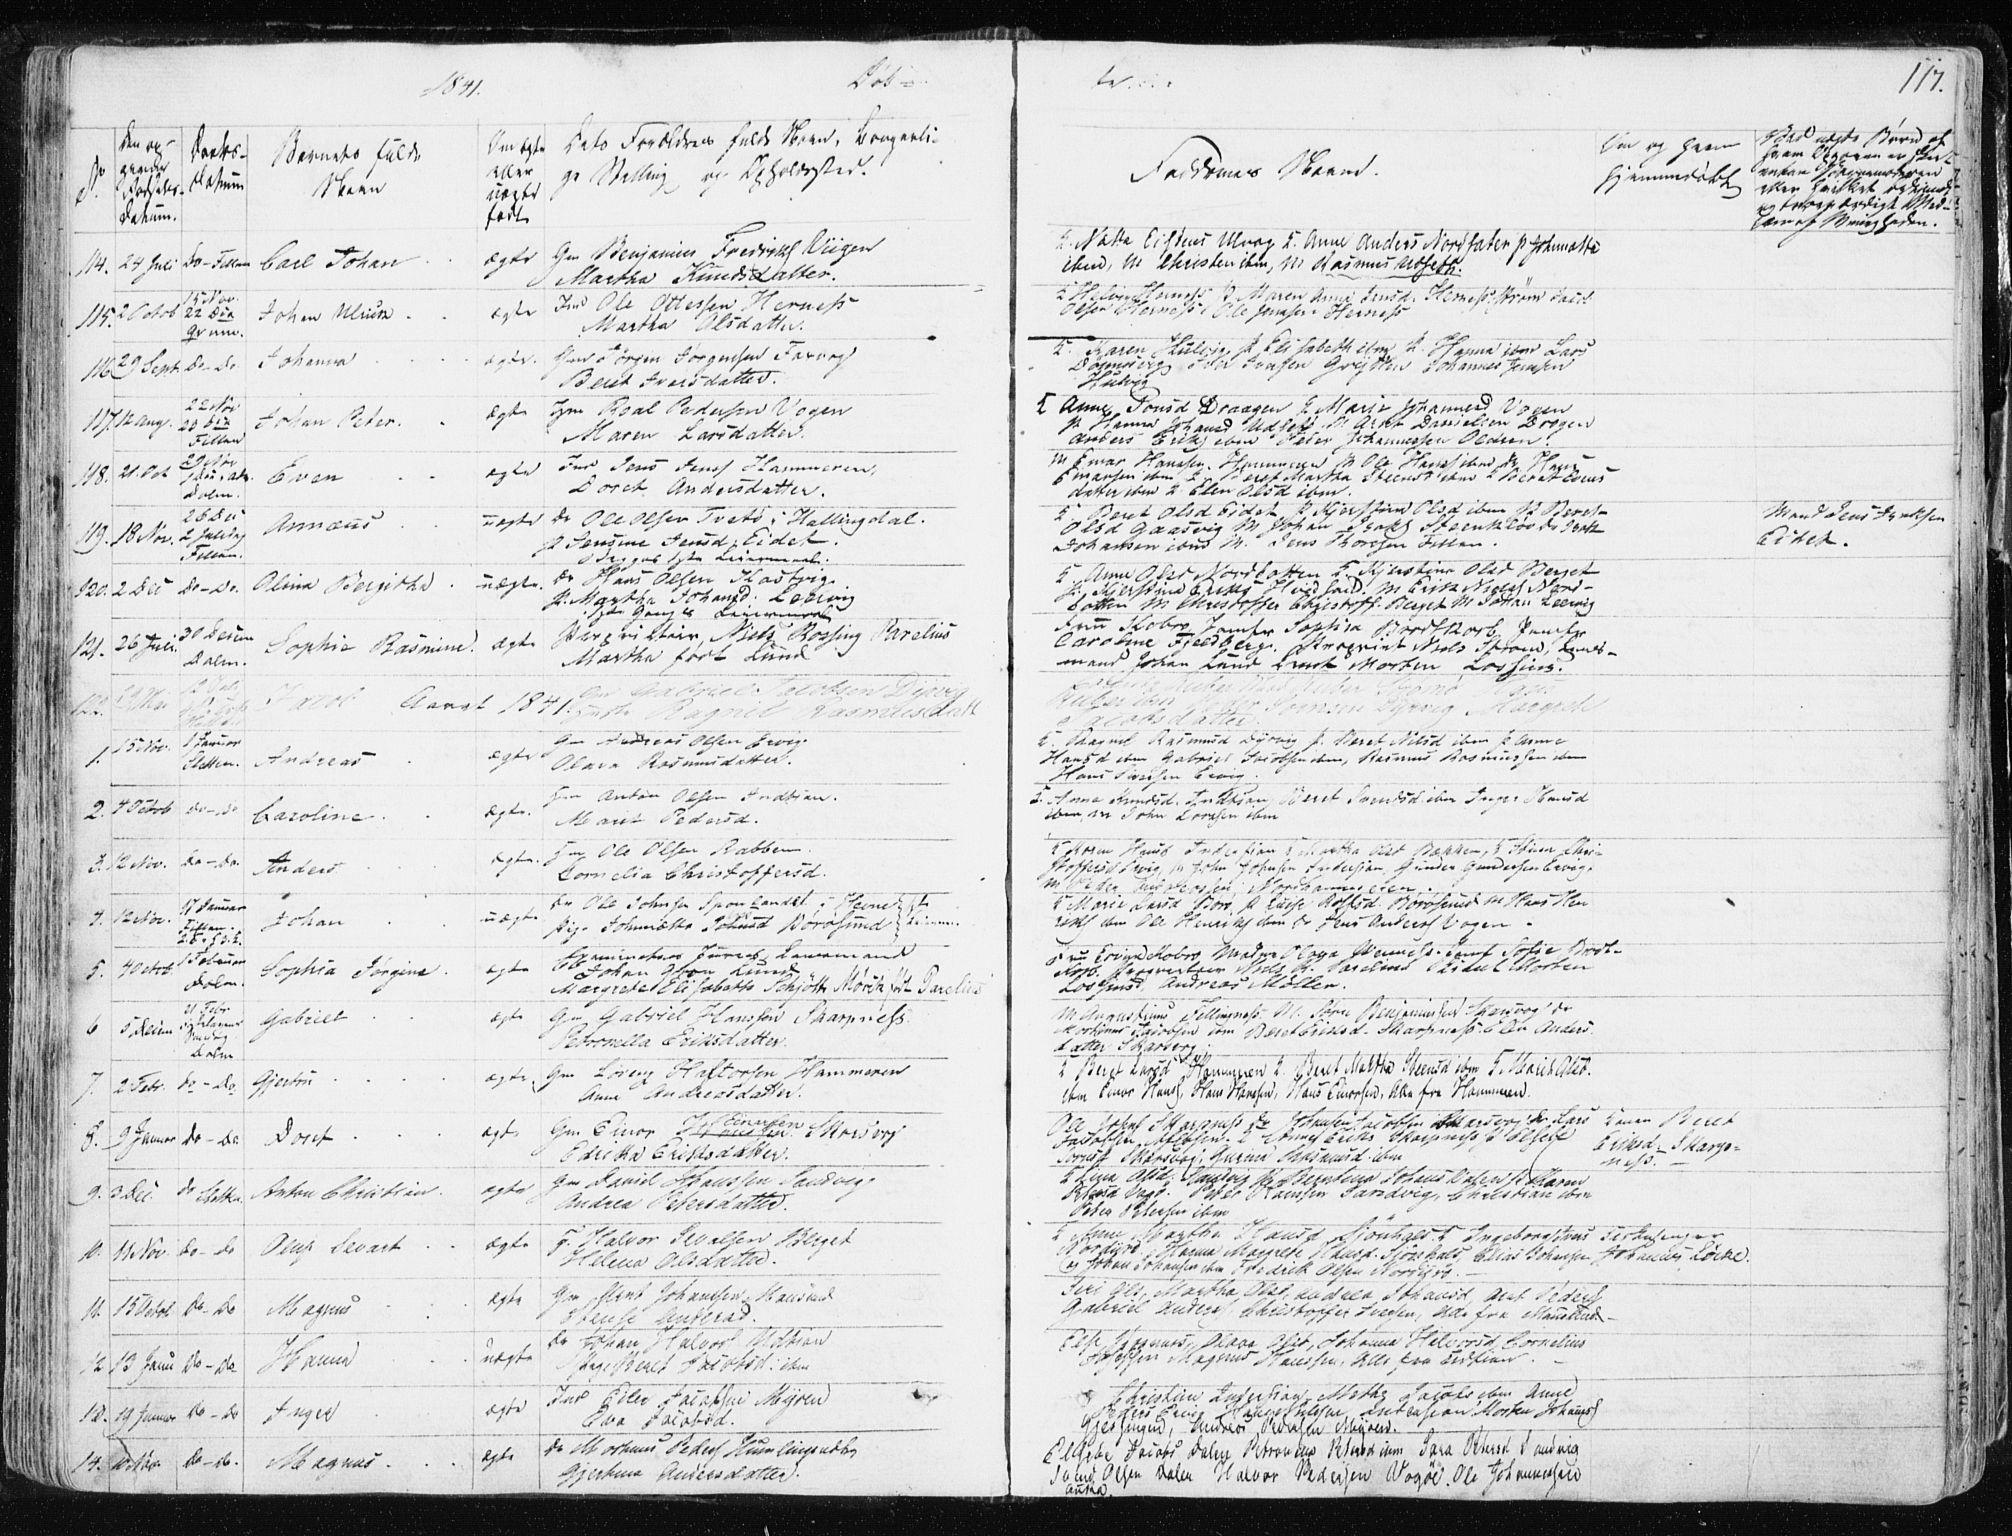 SAT, Ministerialprotokoller, klokkerbøker og fødselsregistre - Sør-Trøndelag, 634/L0528: Ministerialbok nr. 634A04, 1827-1842, s. 117